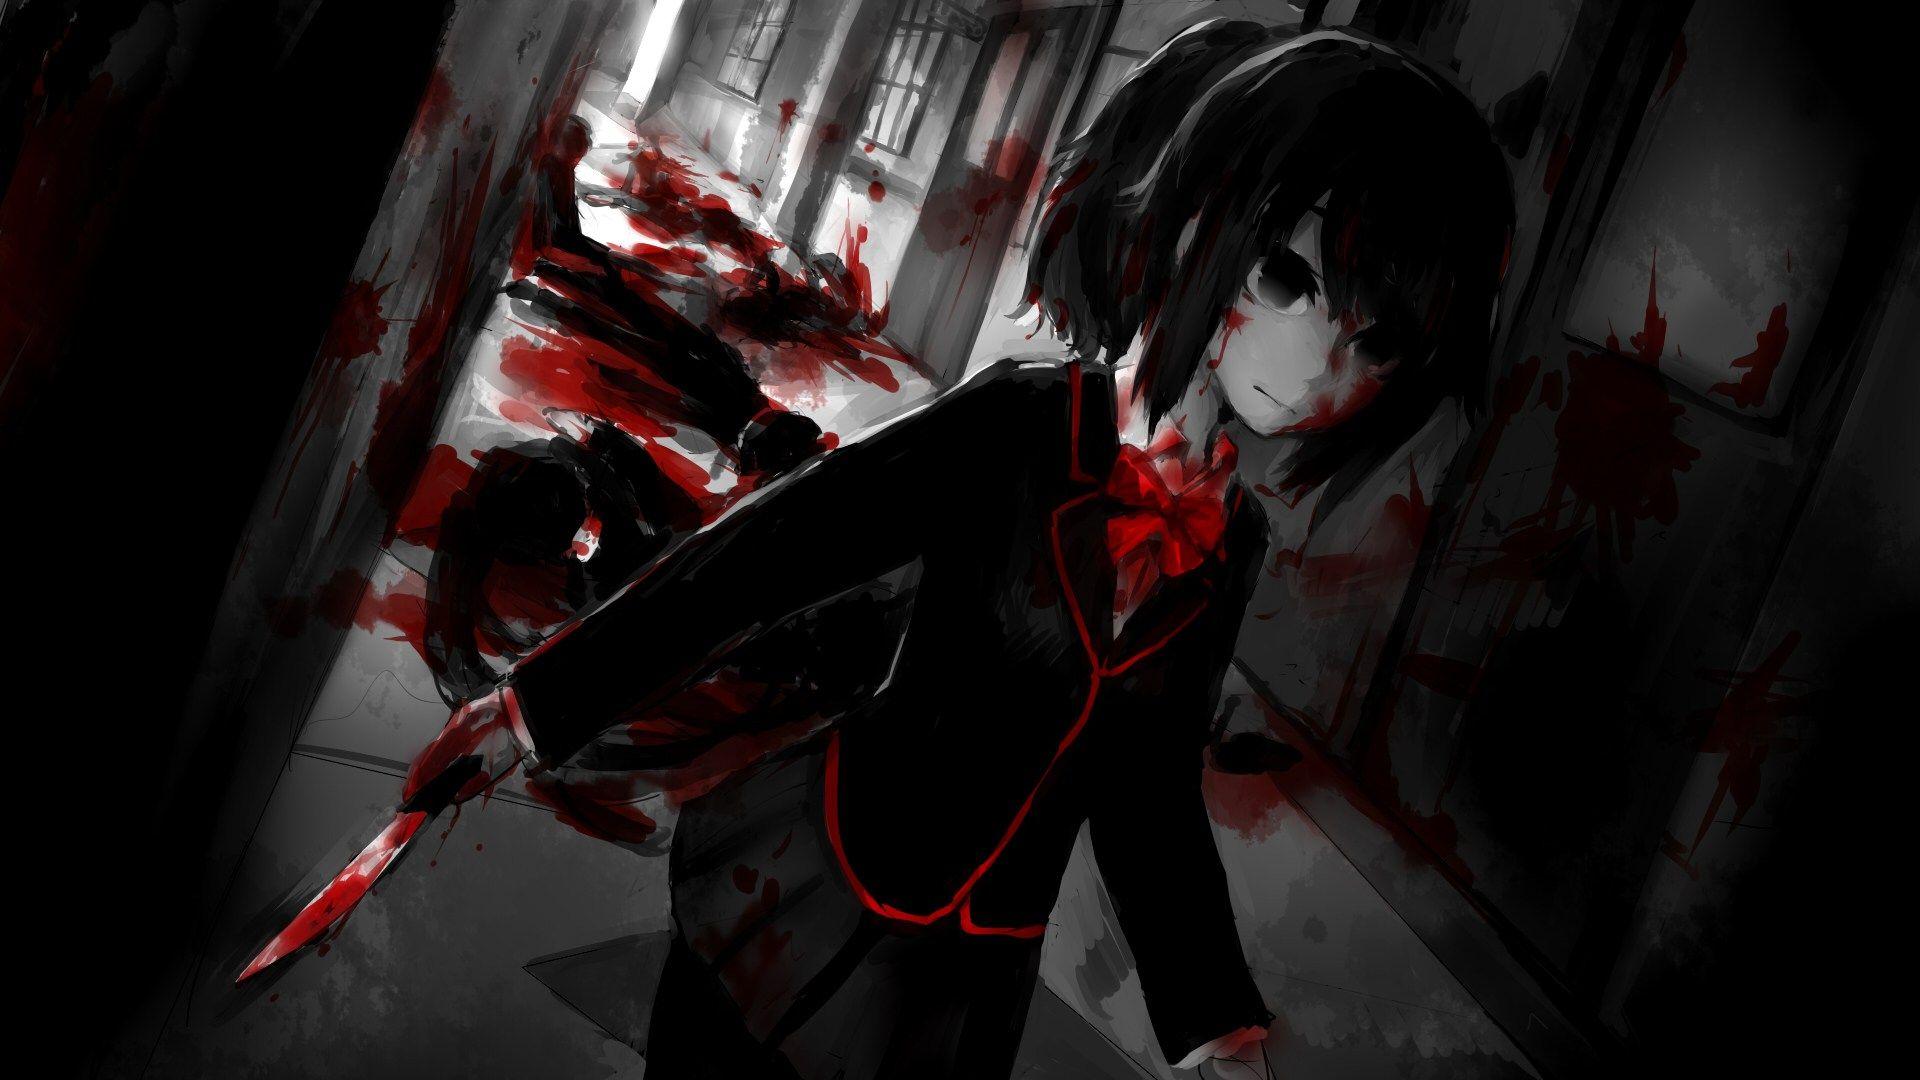 Картинки убийств в аниме